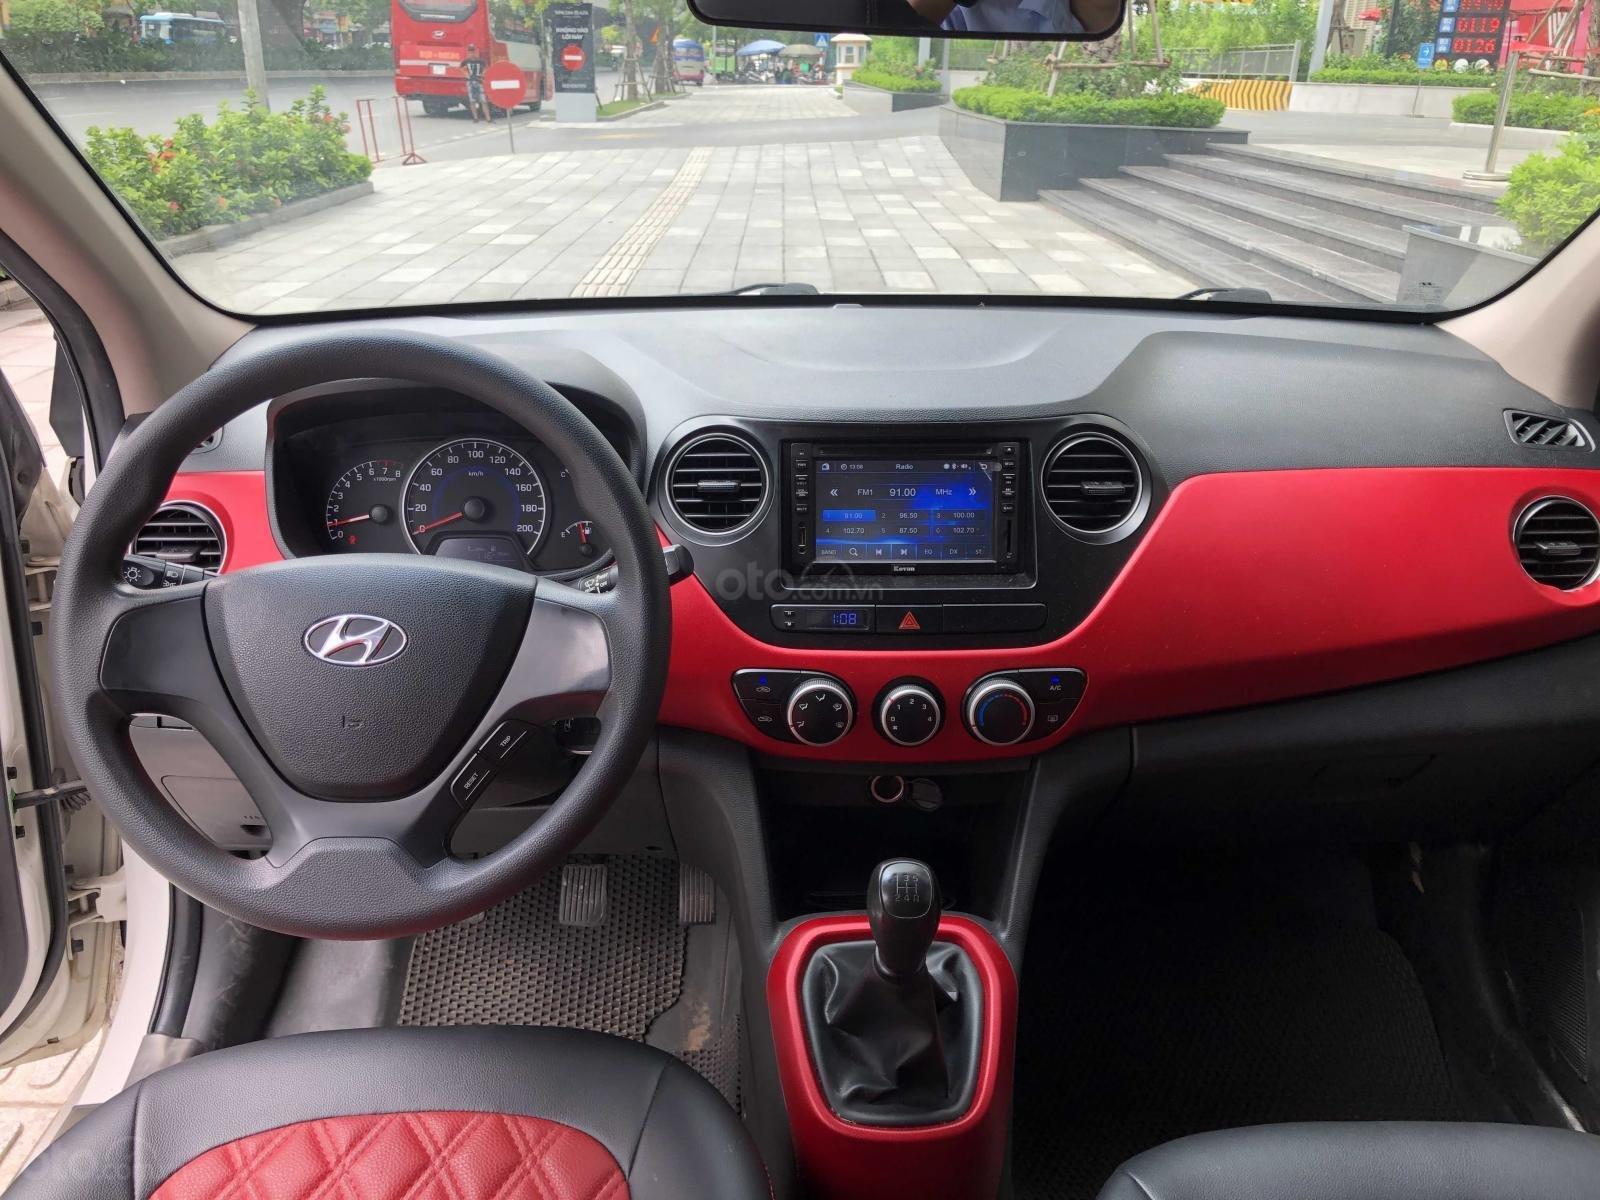 Bán ô tô Hyundai Grand i10, đăng ký 2017, màu trắng xe nhập. Giá chỉ 265 triệu đồng (4)